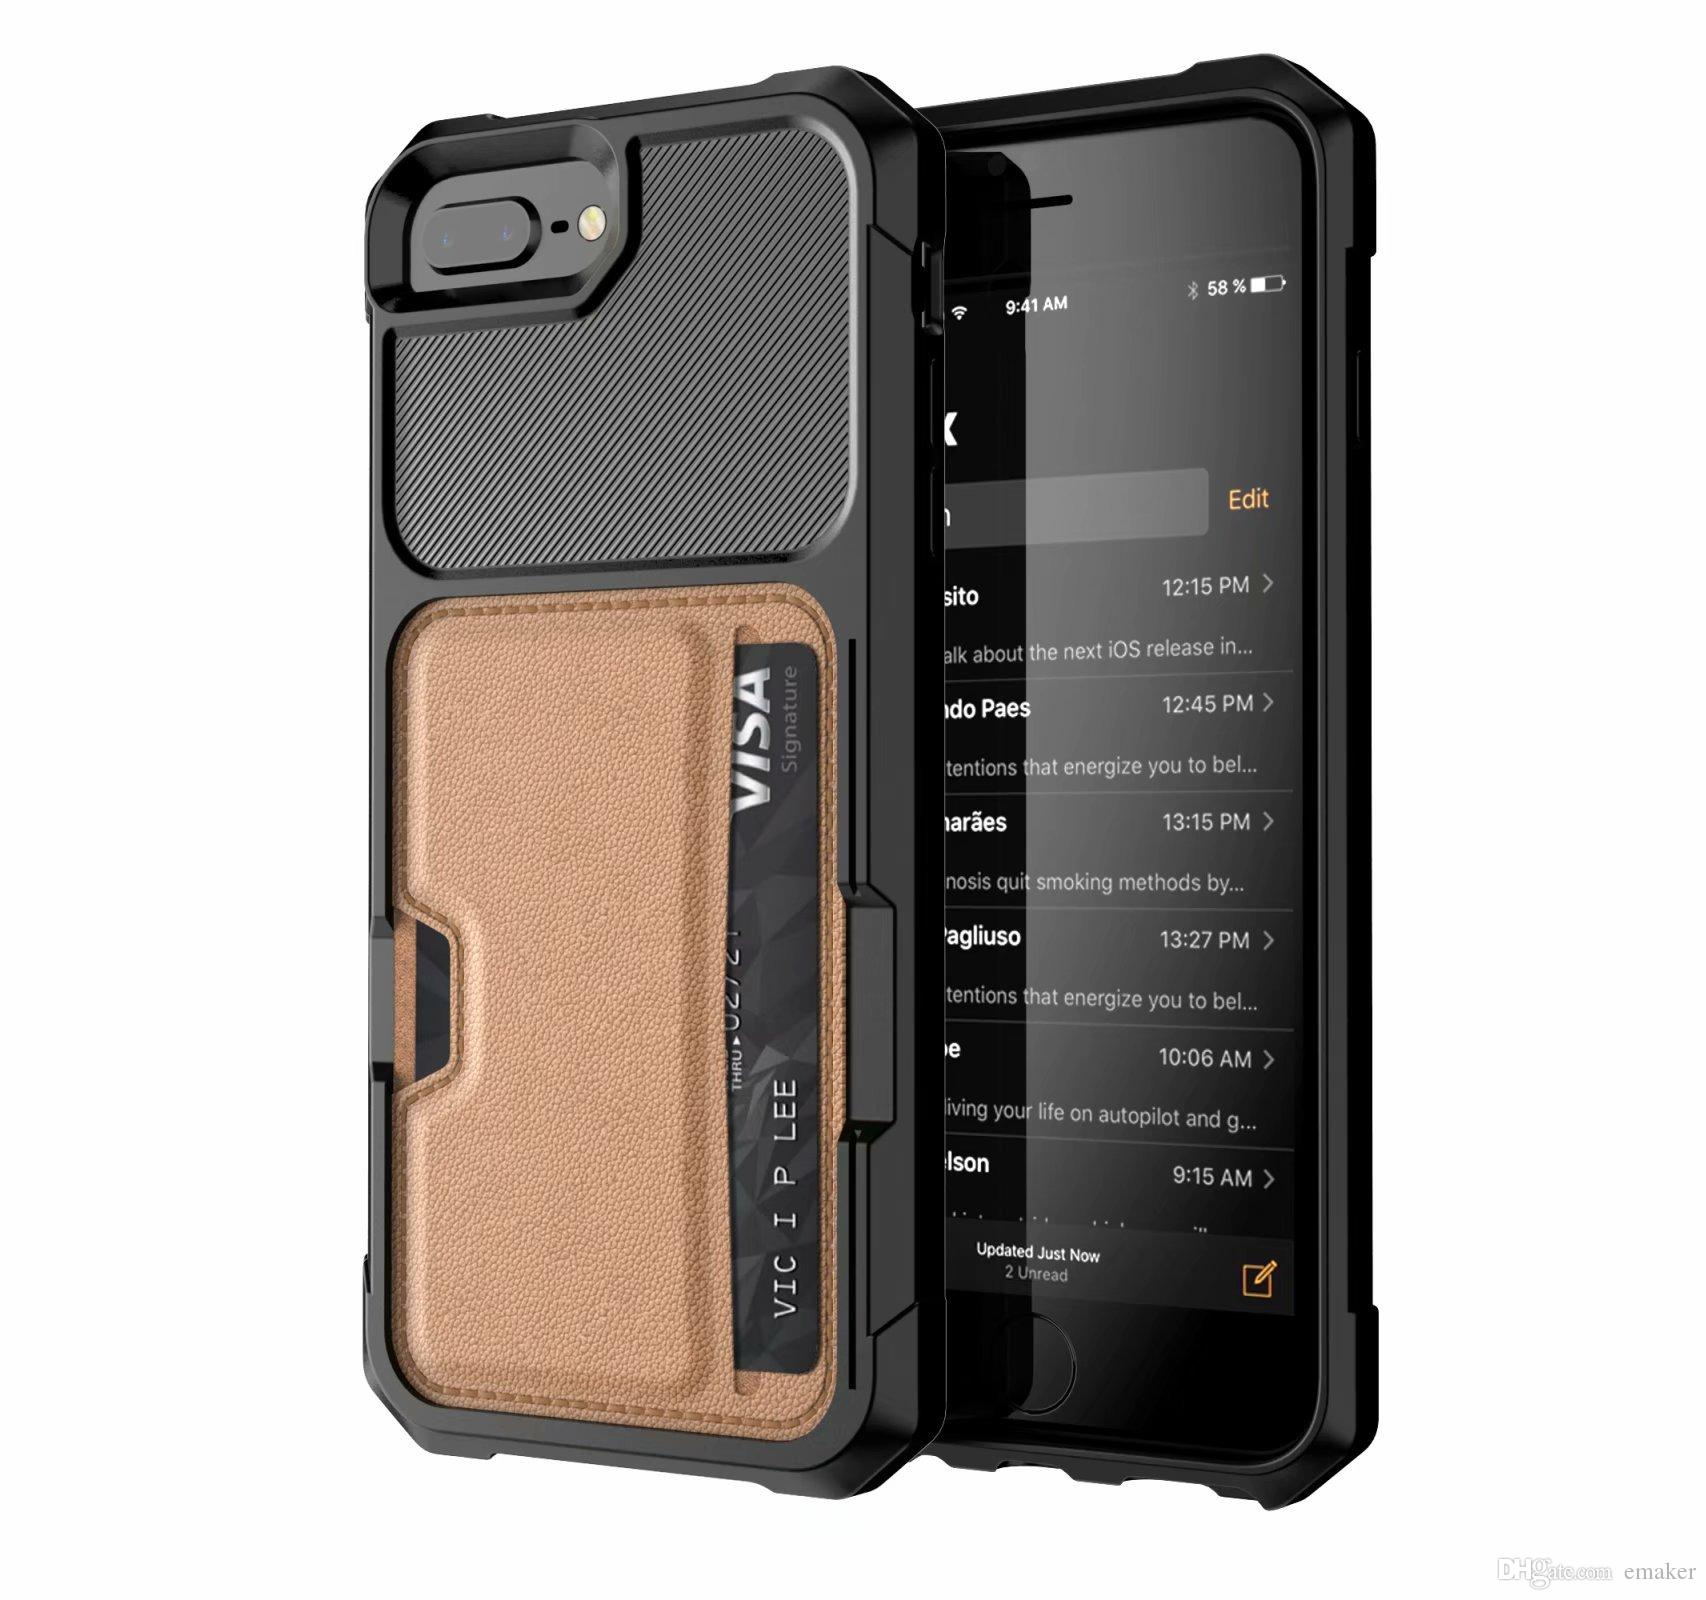 Чехол для телефона с магнитной подставкой для iPhone X XS MAX XR 8 7 6S Plus защищает мобильный телефон Автомобильный держатель Чехол для телефона с гнездами для кредитных карт многофункциональный